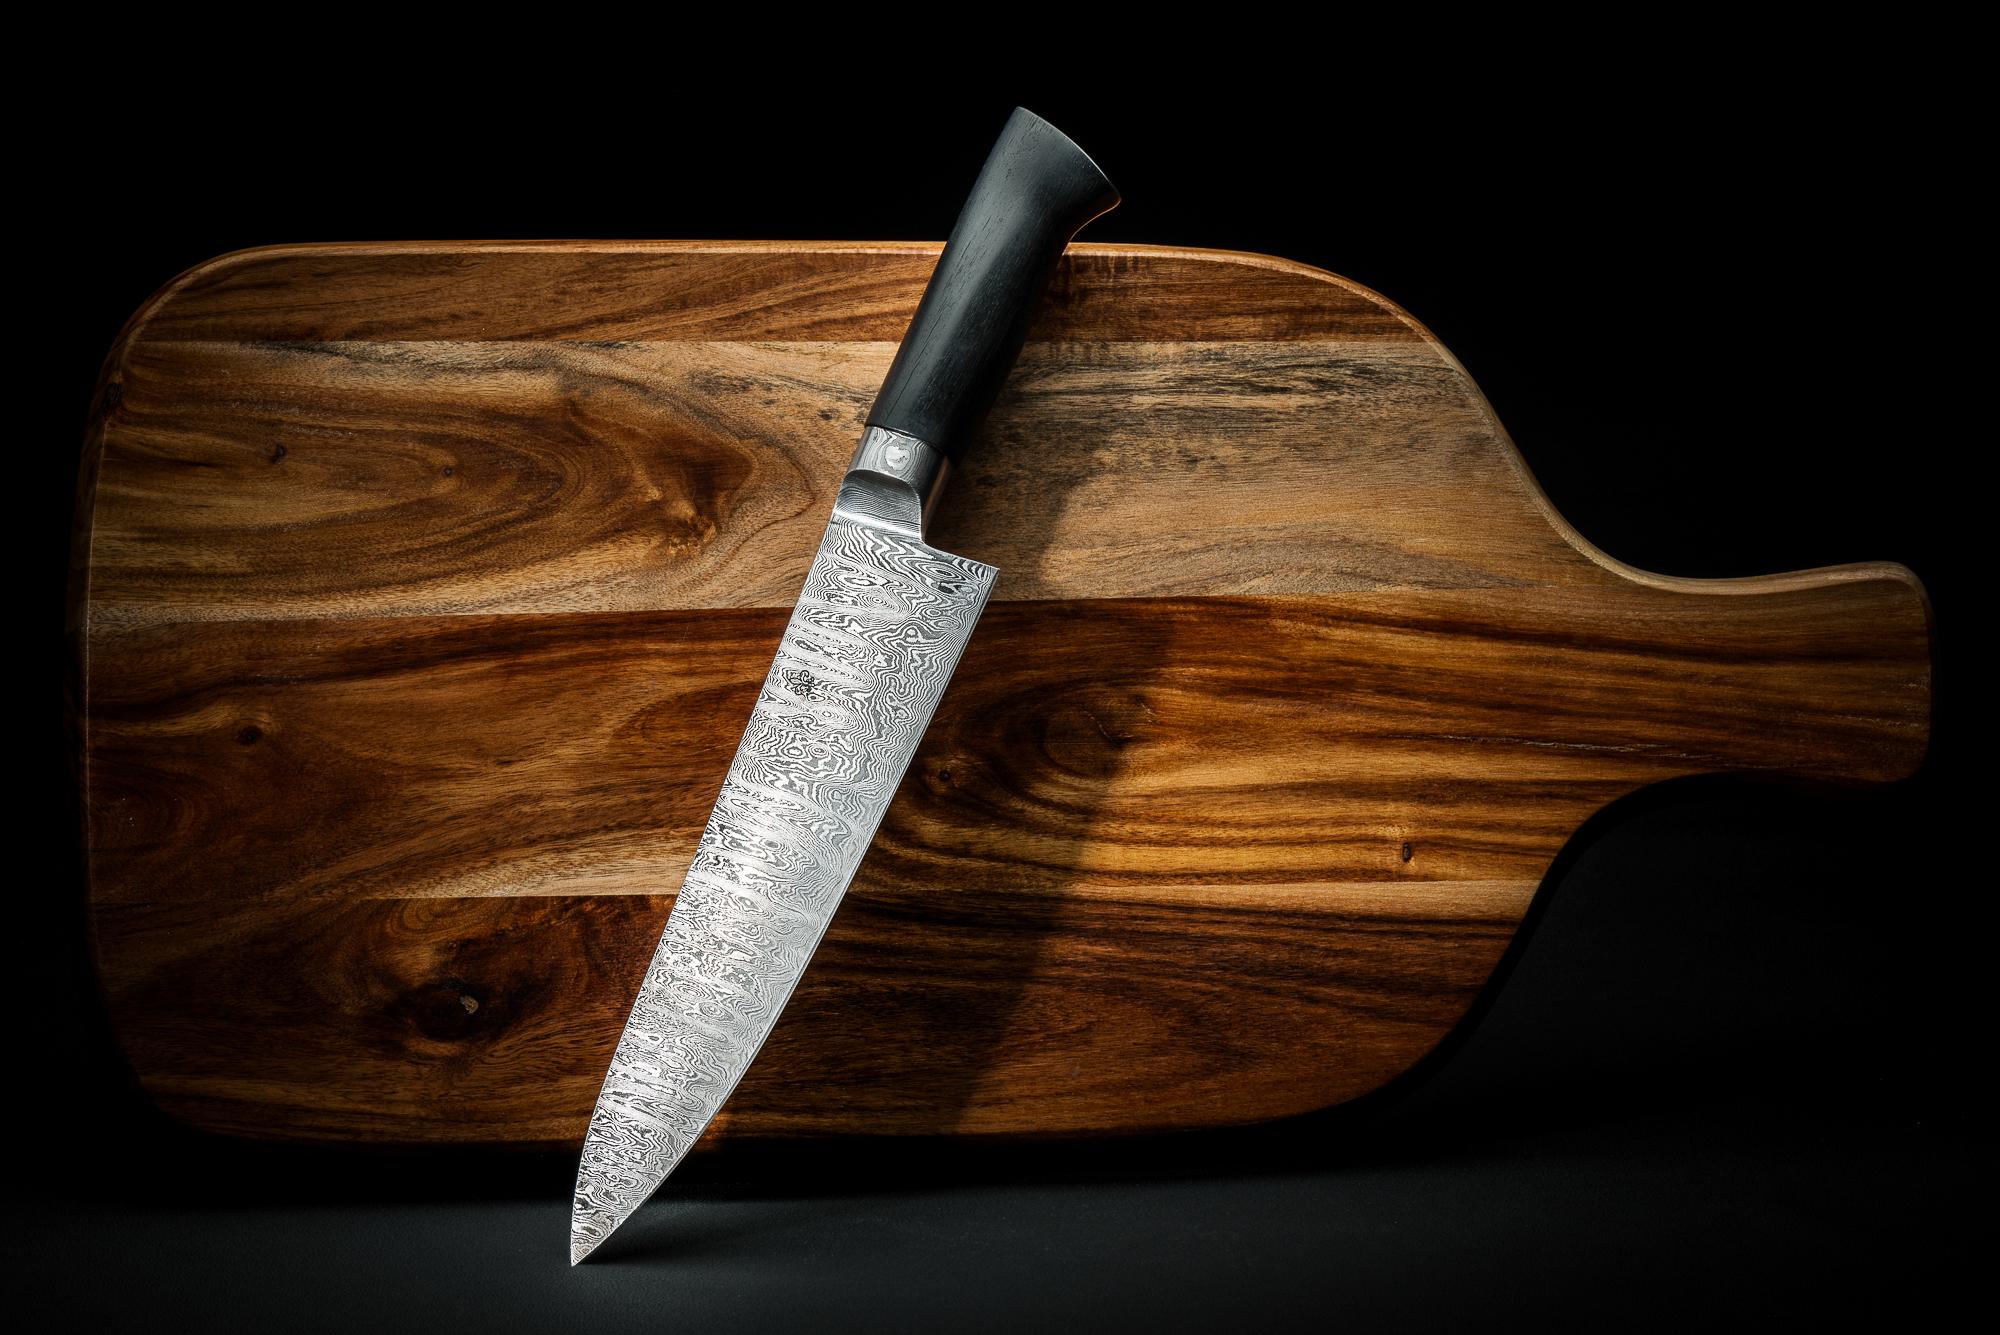 Lielienstahl-Messer auf Schneidbrett aus Commercial-Portfolio